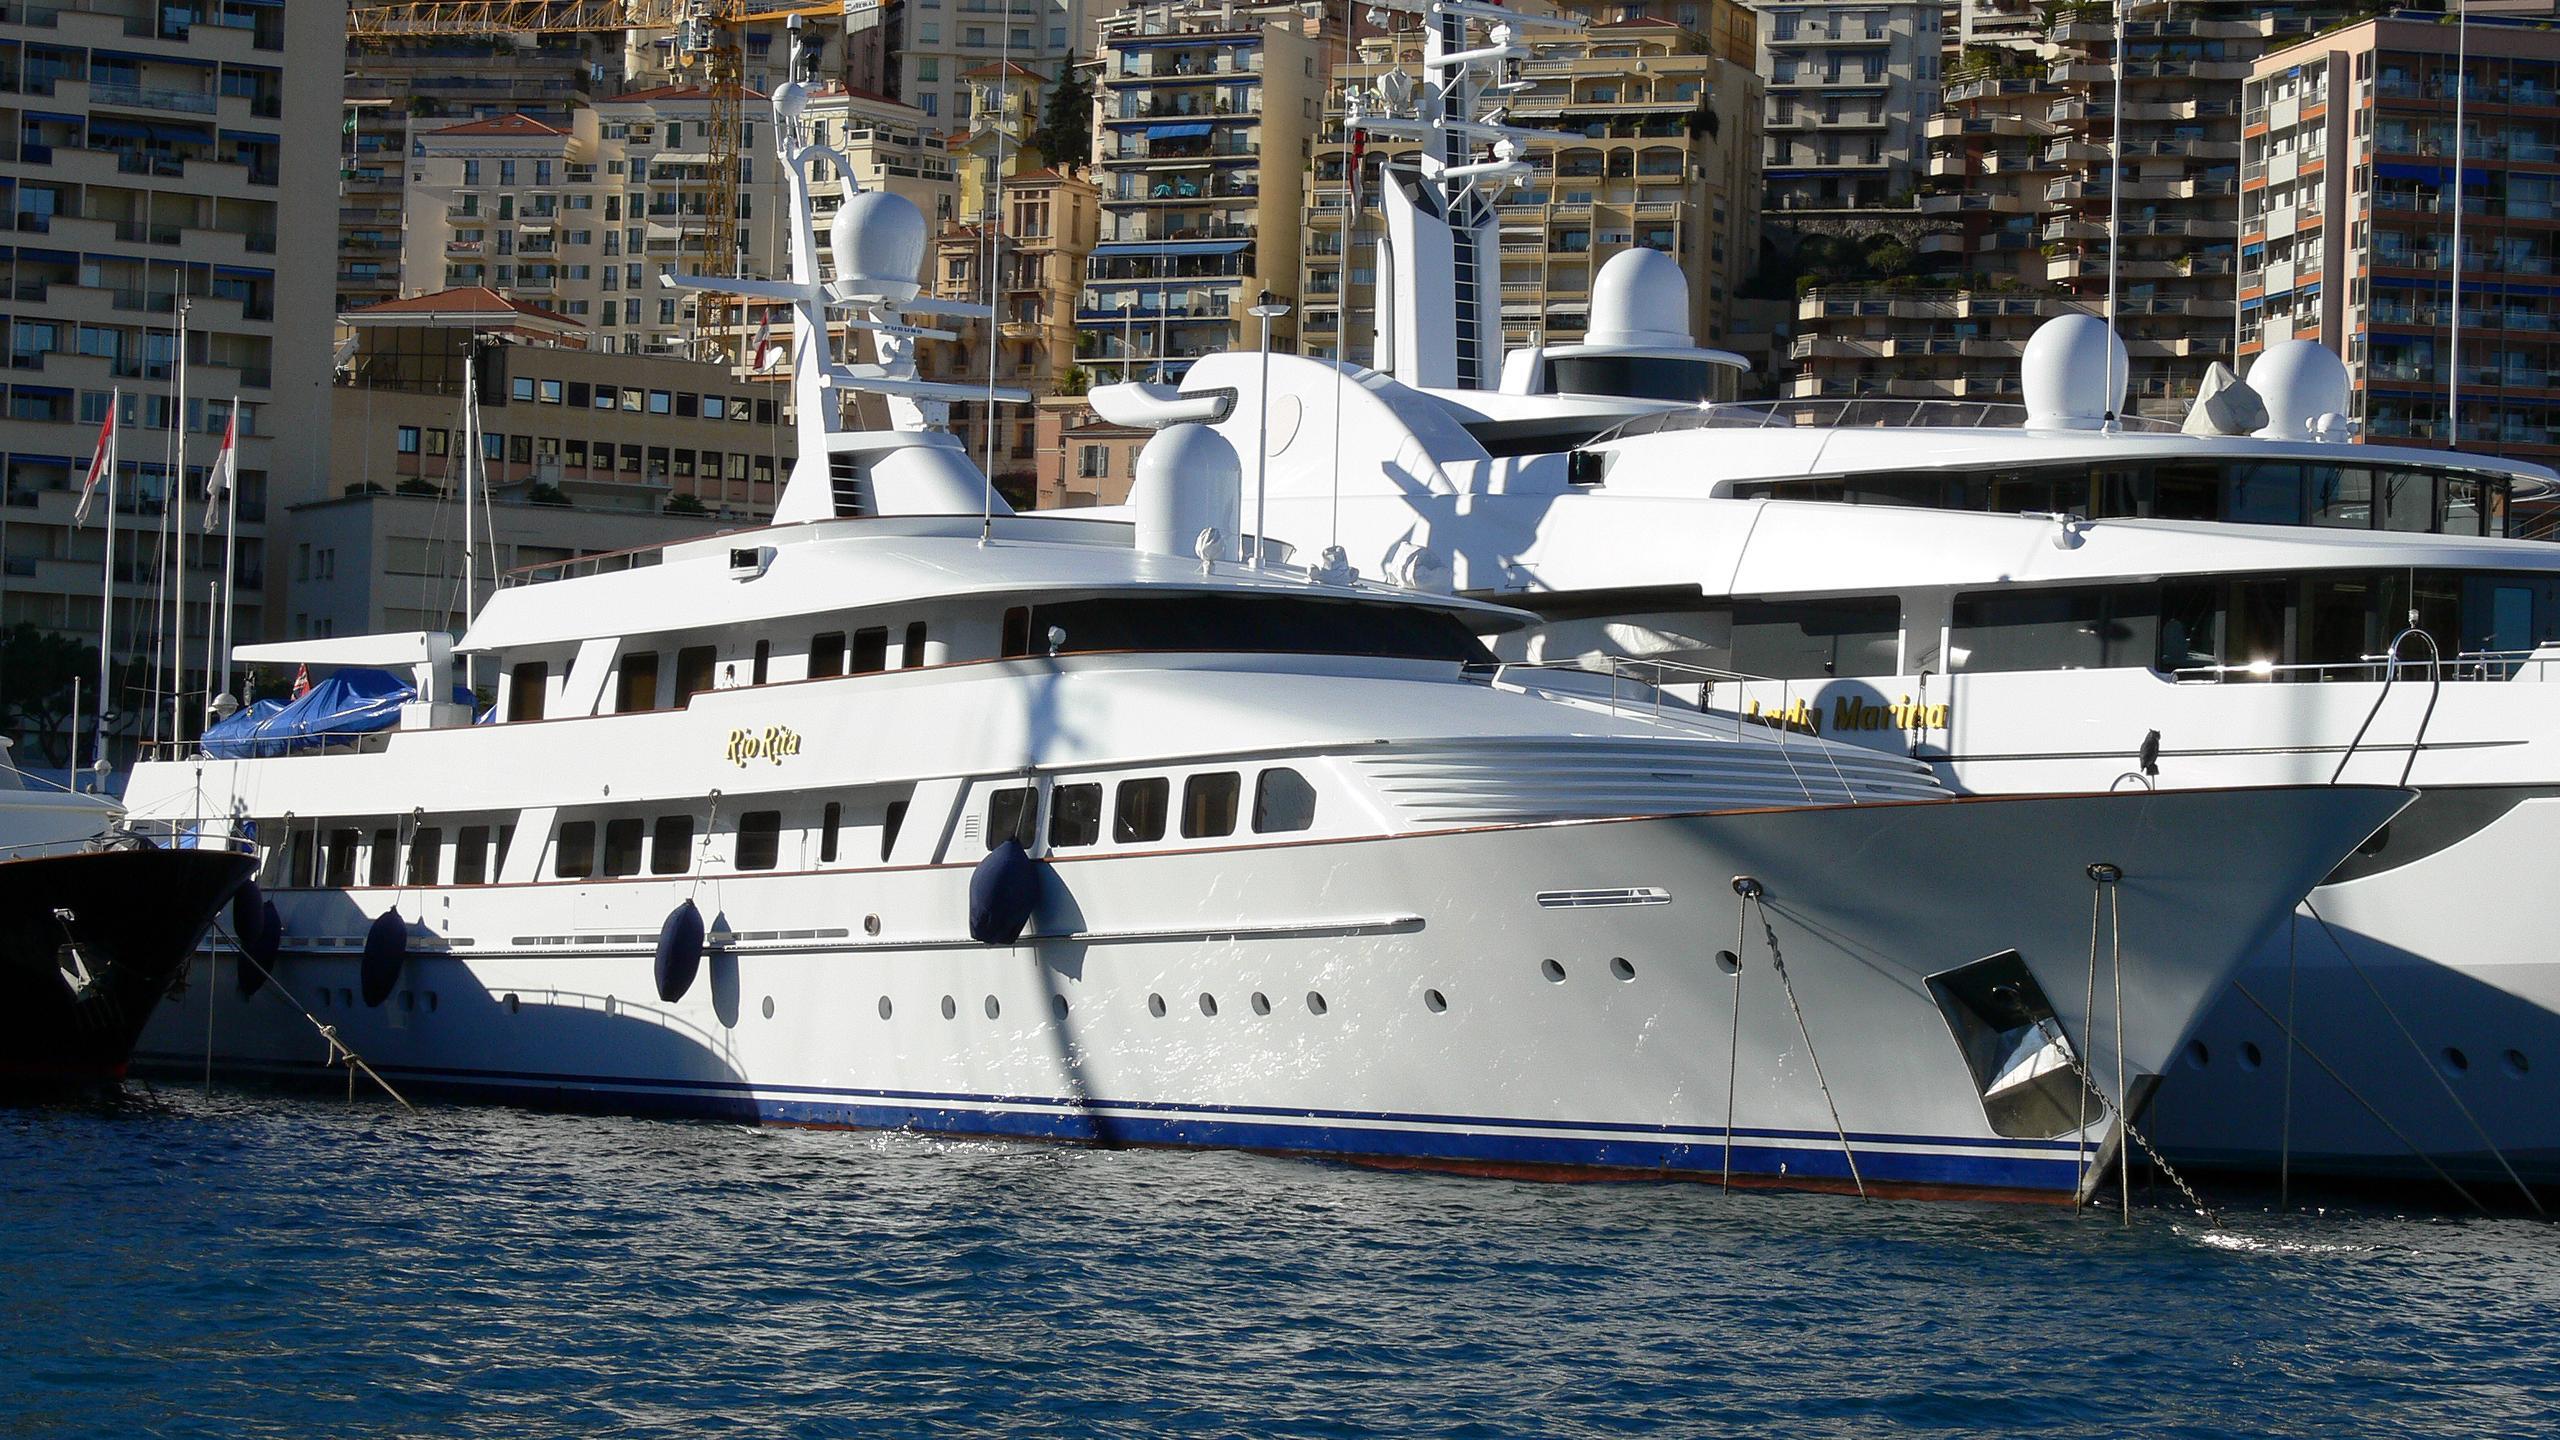 rio-rita-yacht-exterior